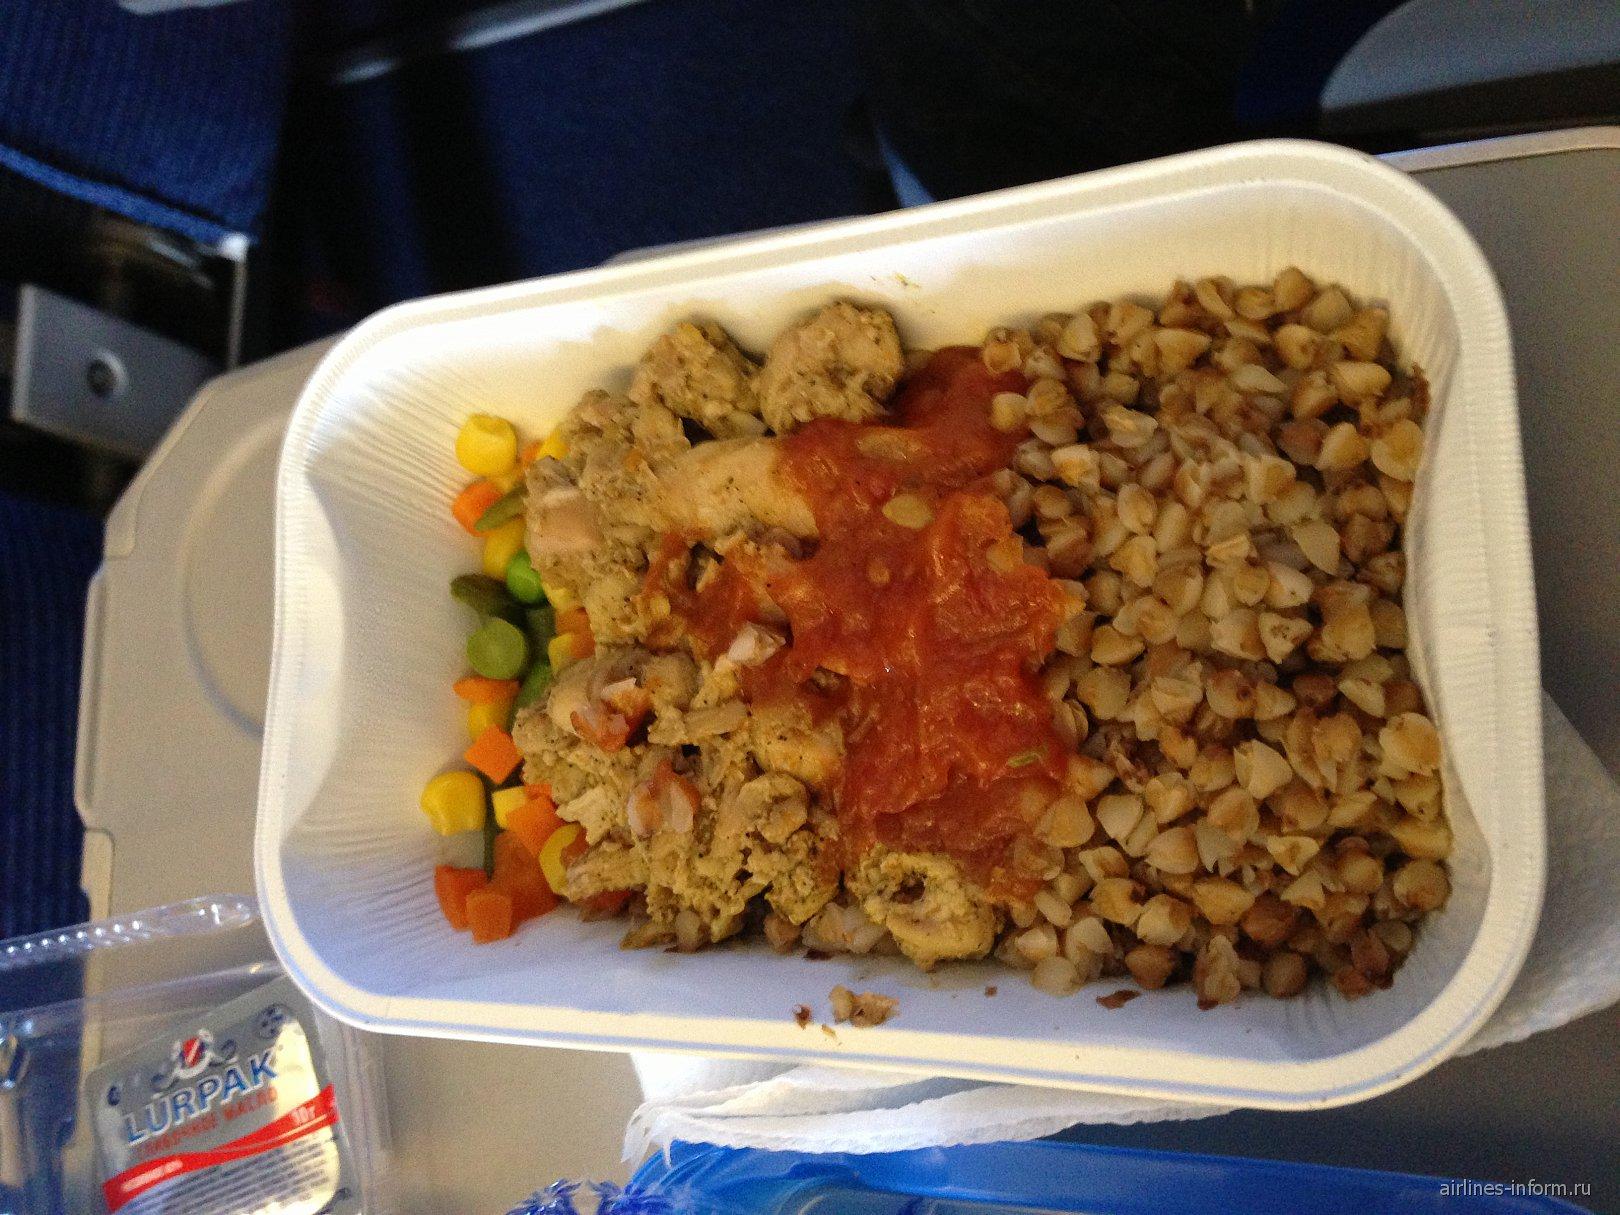 Питание на рейсе авиакомпании Таймыр СПБ-Римини